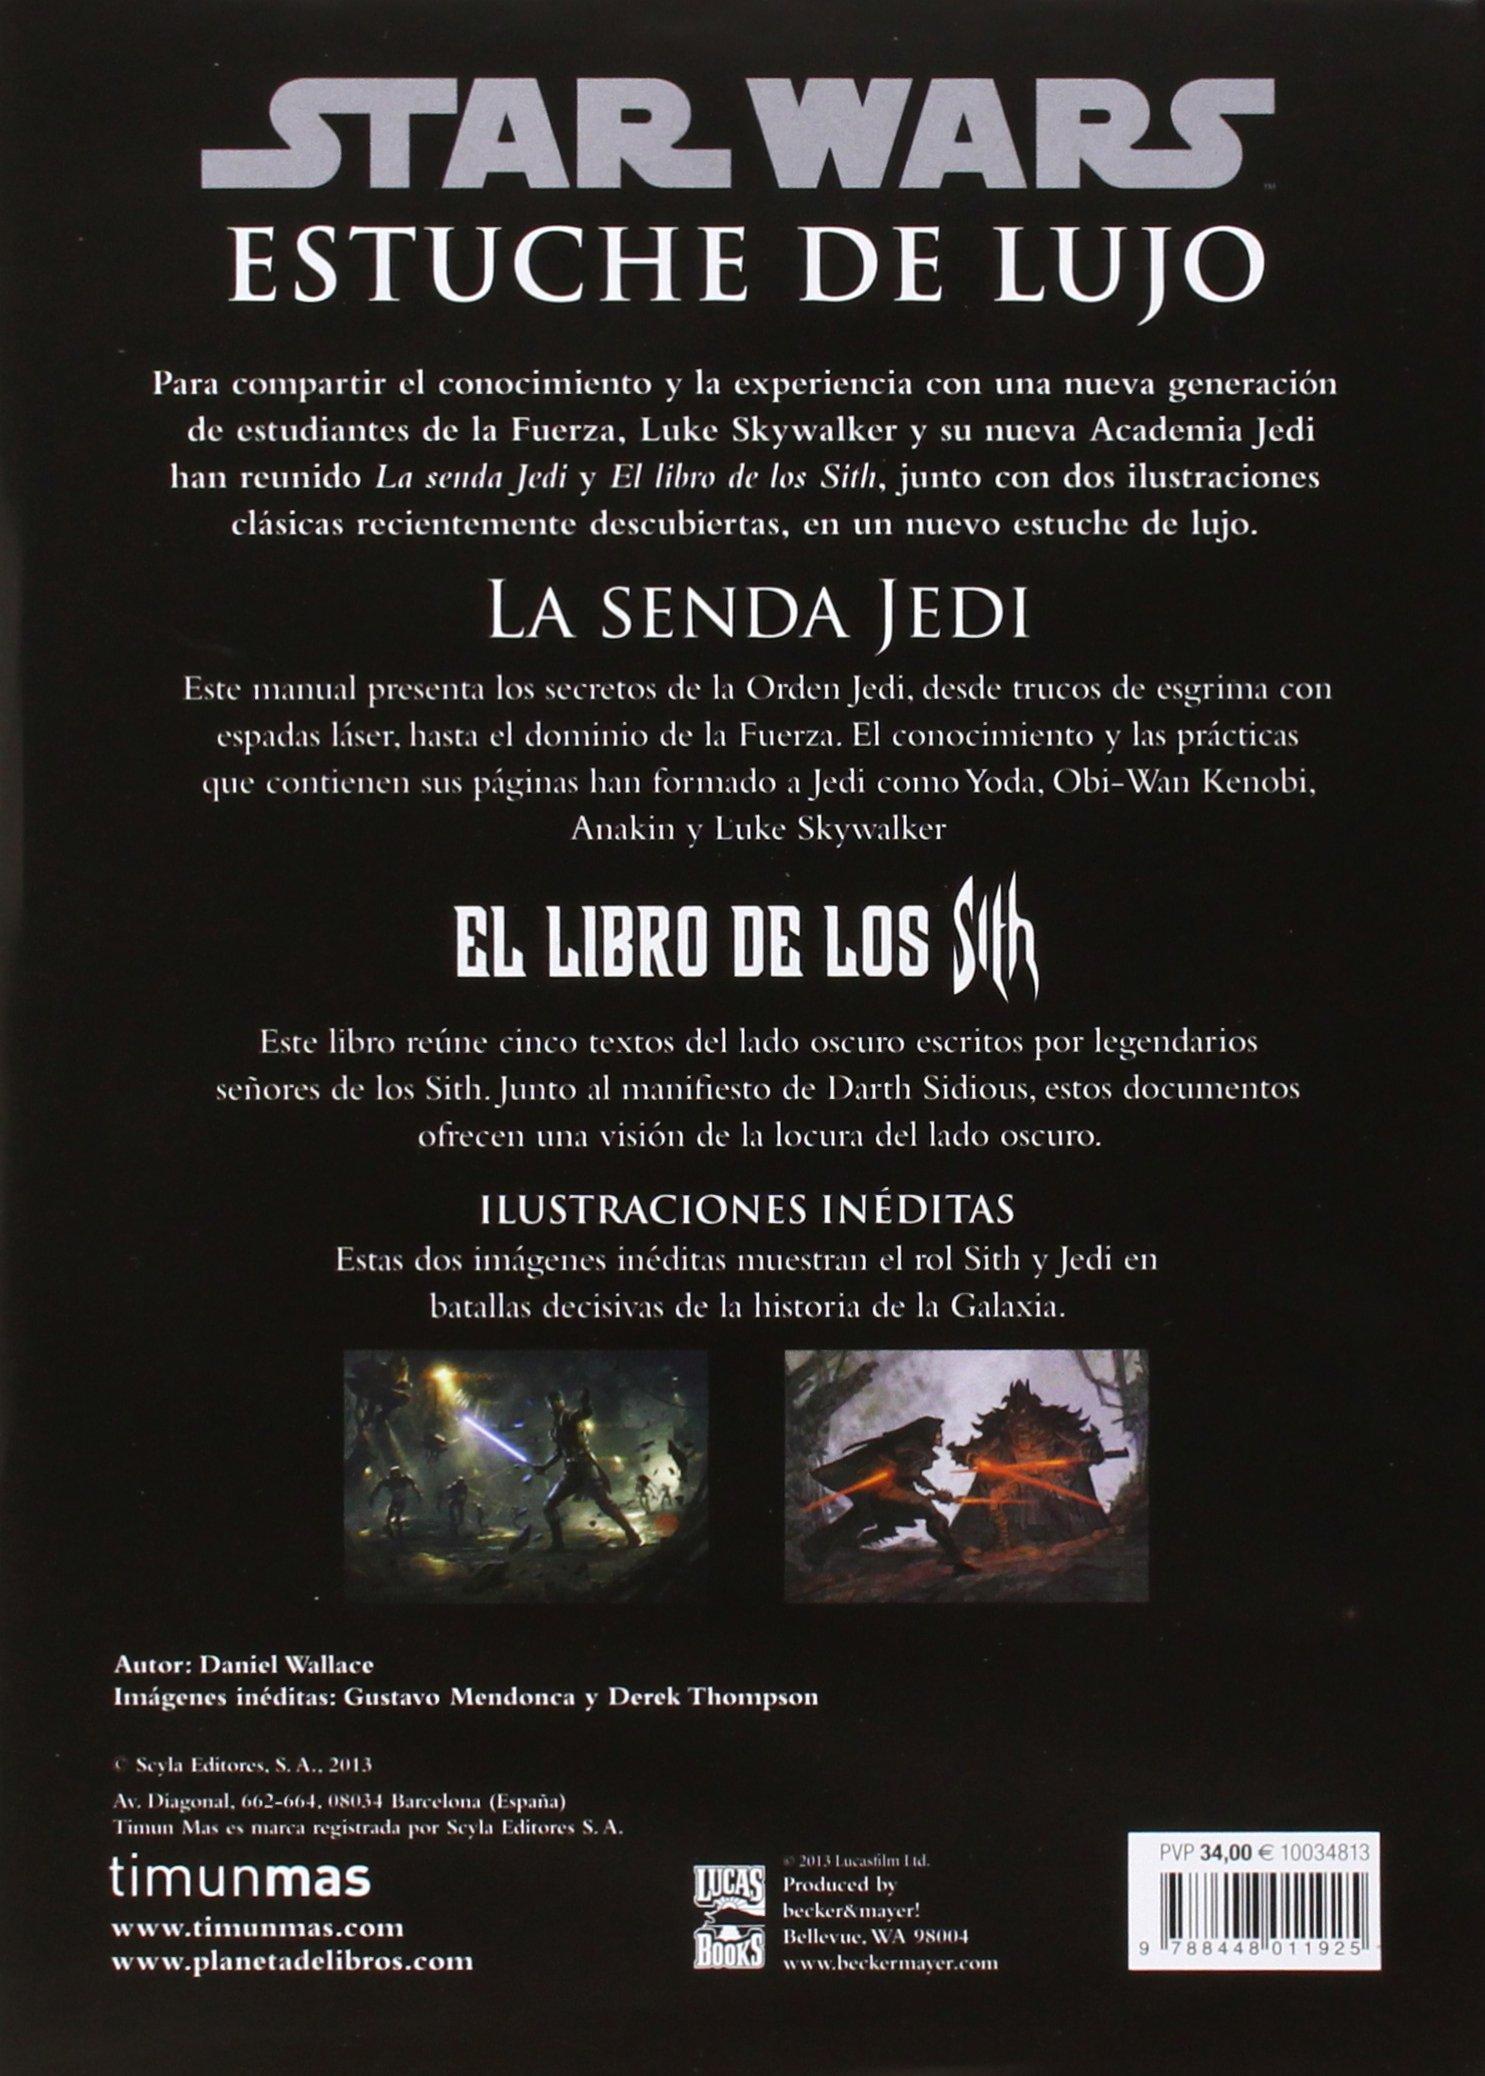 STAR WARS: Estuche de lujo Star Wars: La senda Jedi. El libro de los Sith  SW Ilustrados: Amazon.es: AA. VV., Traducciones Imposibles S. L.: Libros